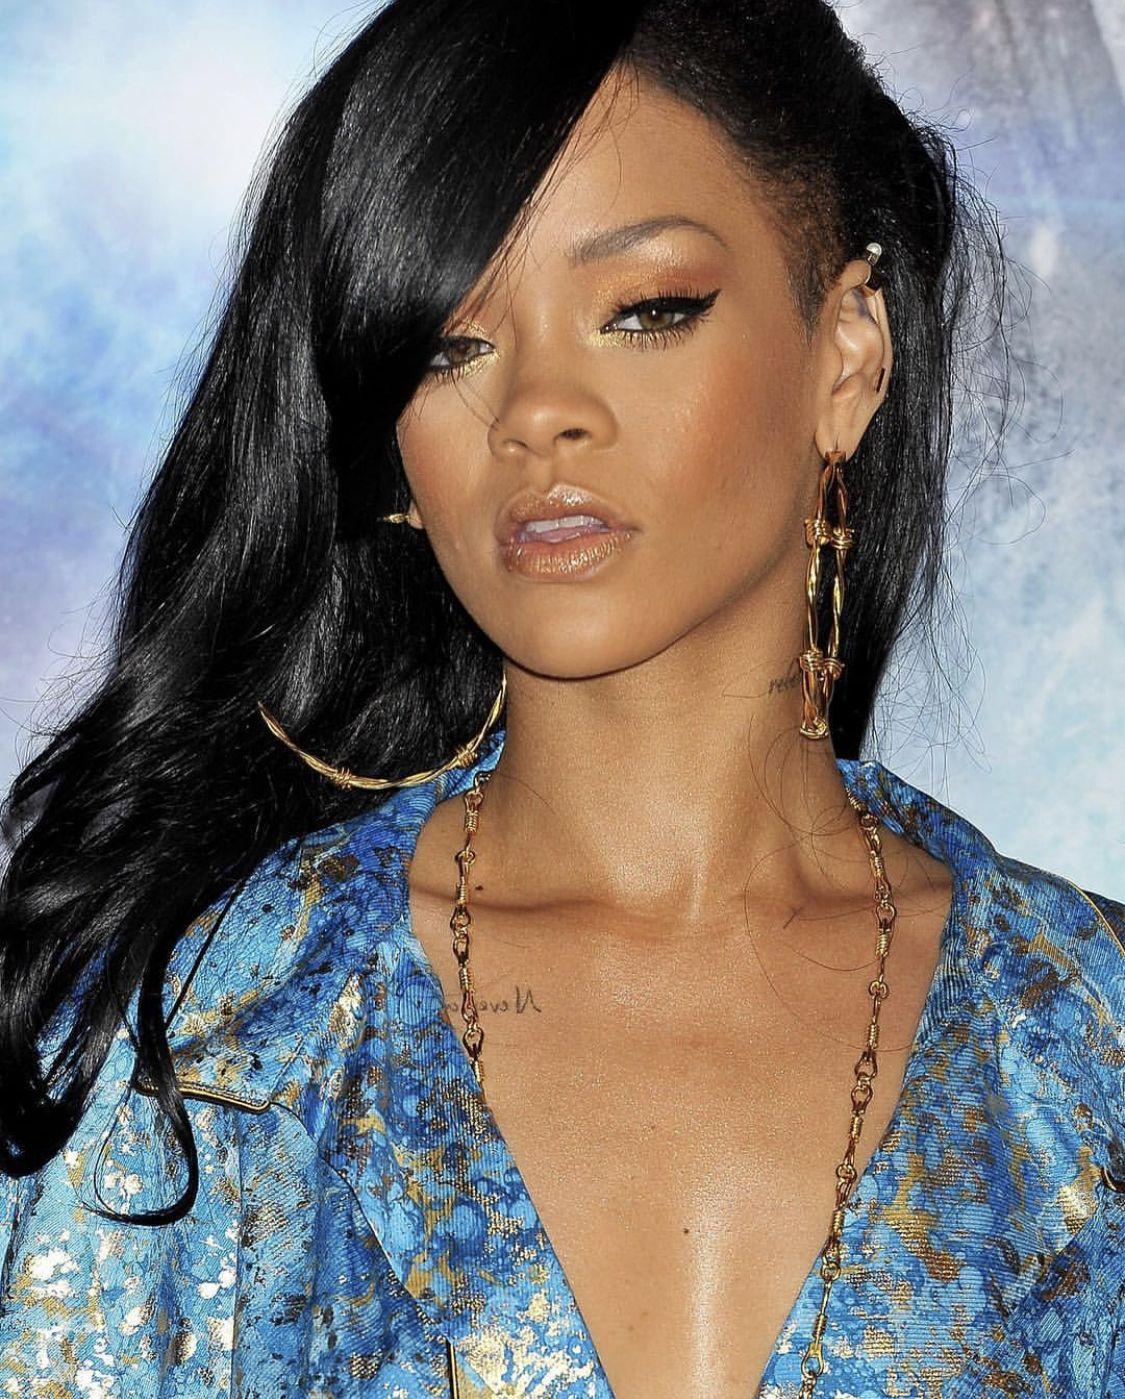 Rihanna in 2019 Rihanna hairstyles, Rihanna images, Rihanna